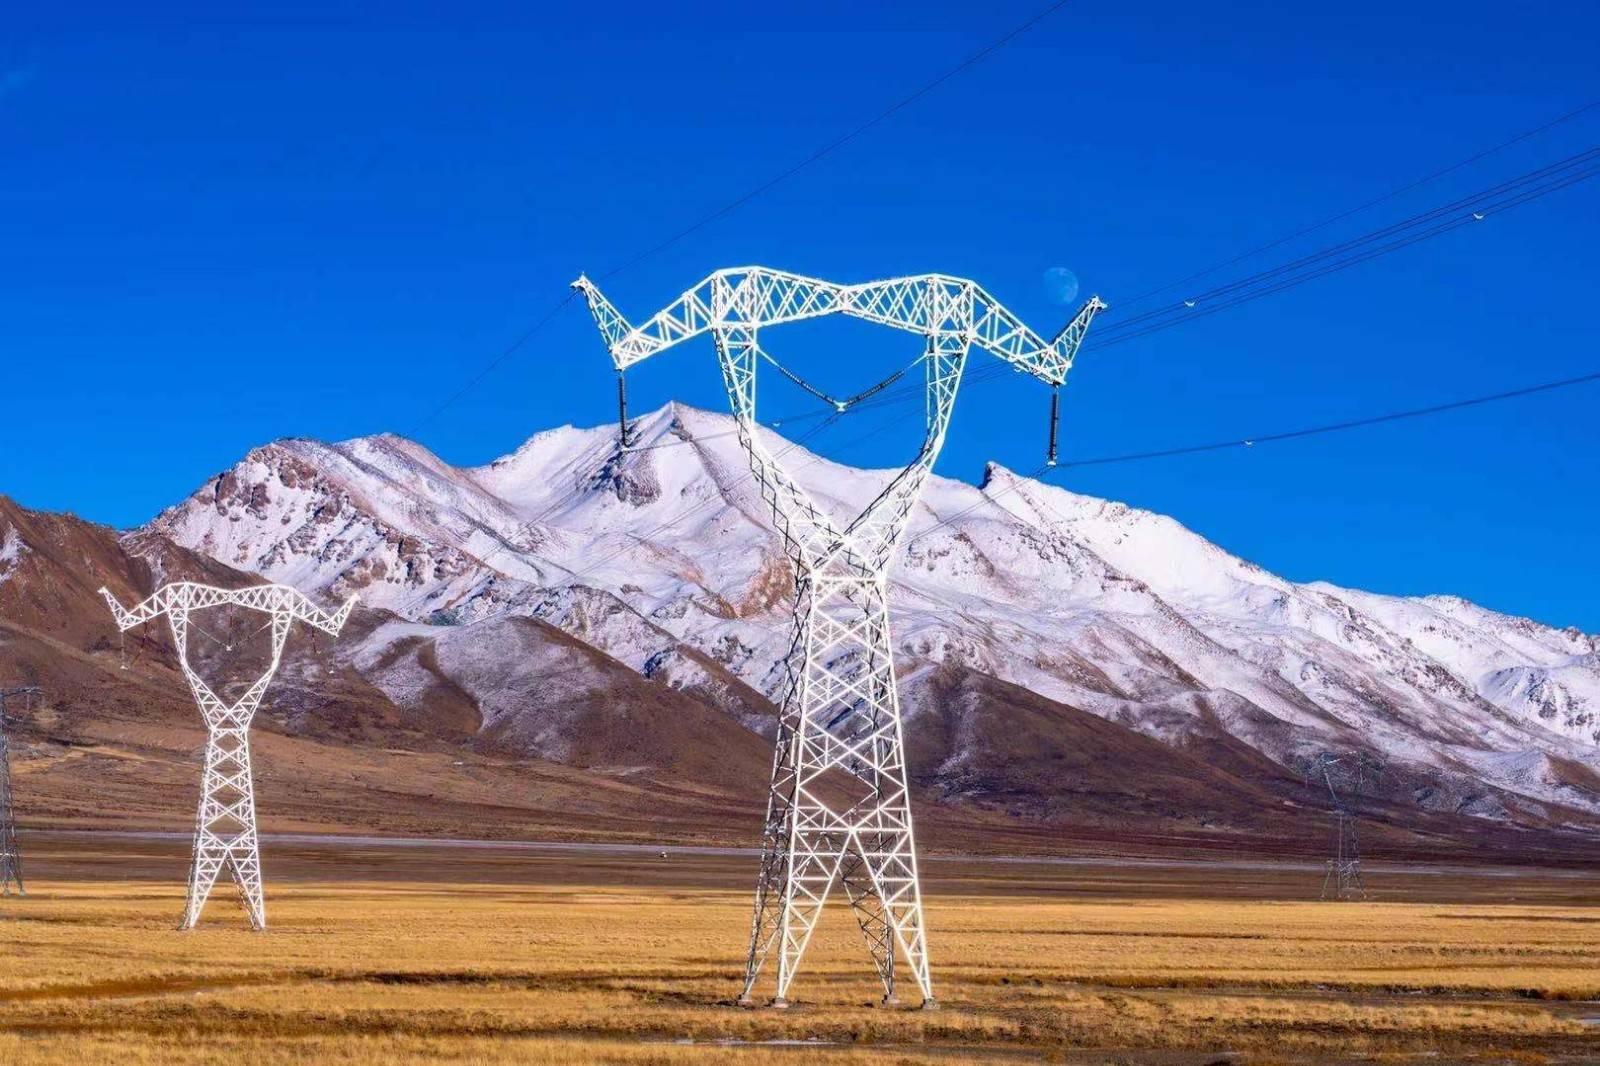 又一超級工程!西藏阿里聯網工程投運 !